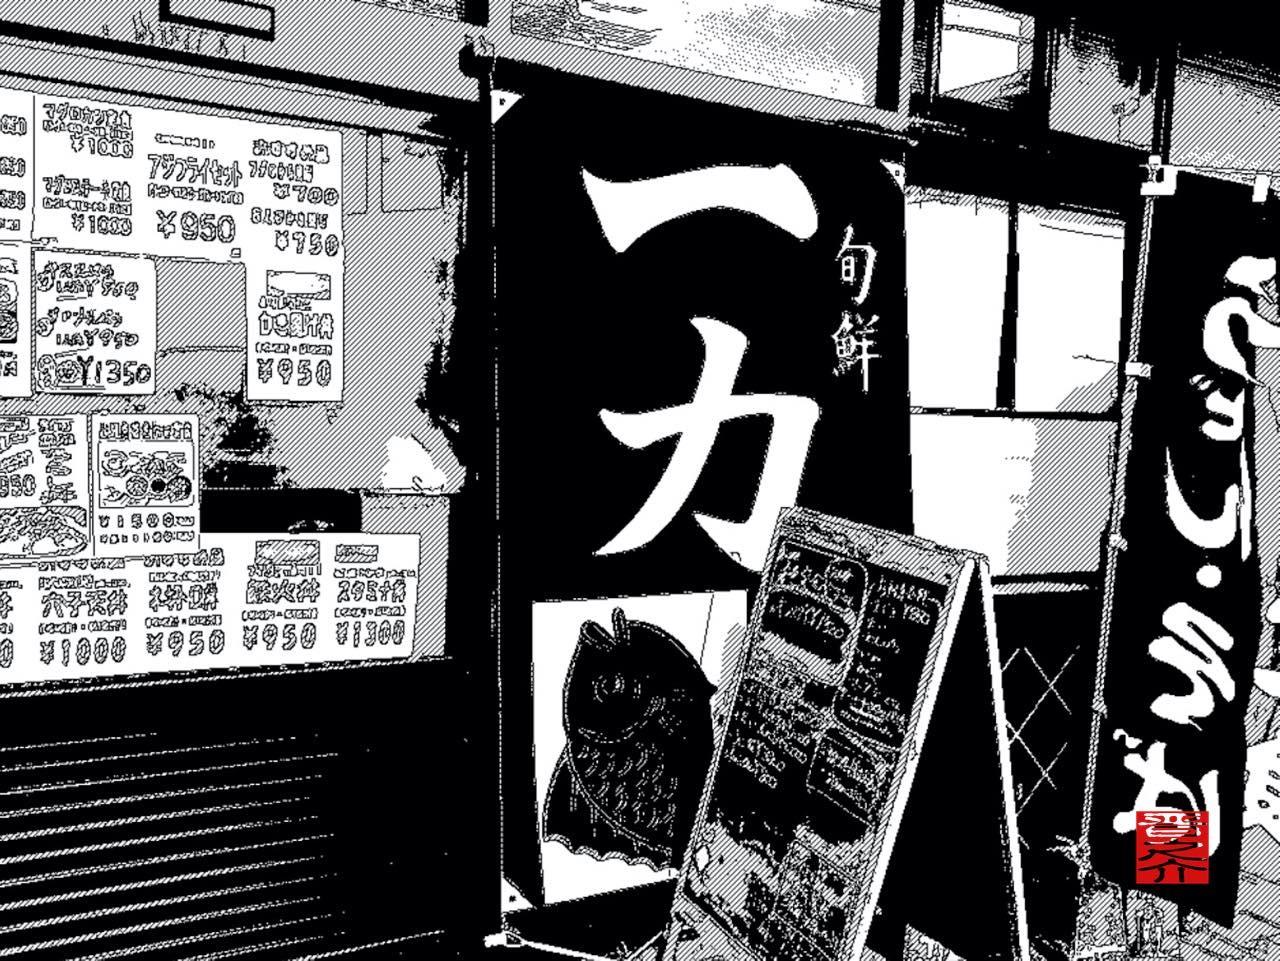 早朝AM4:45より営業!名古屋中央卸売市場内食堂「名古屋で美味しい海鮮といえば・・・」「一力に間違いないがね!」